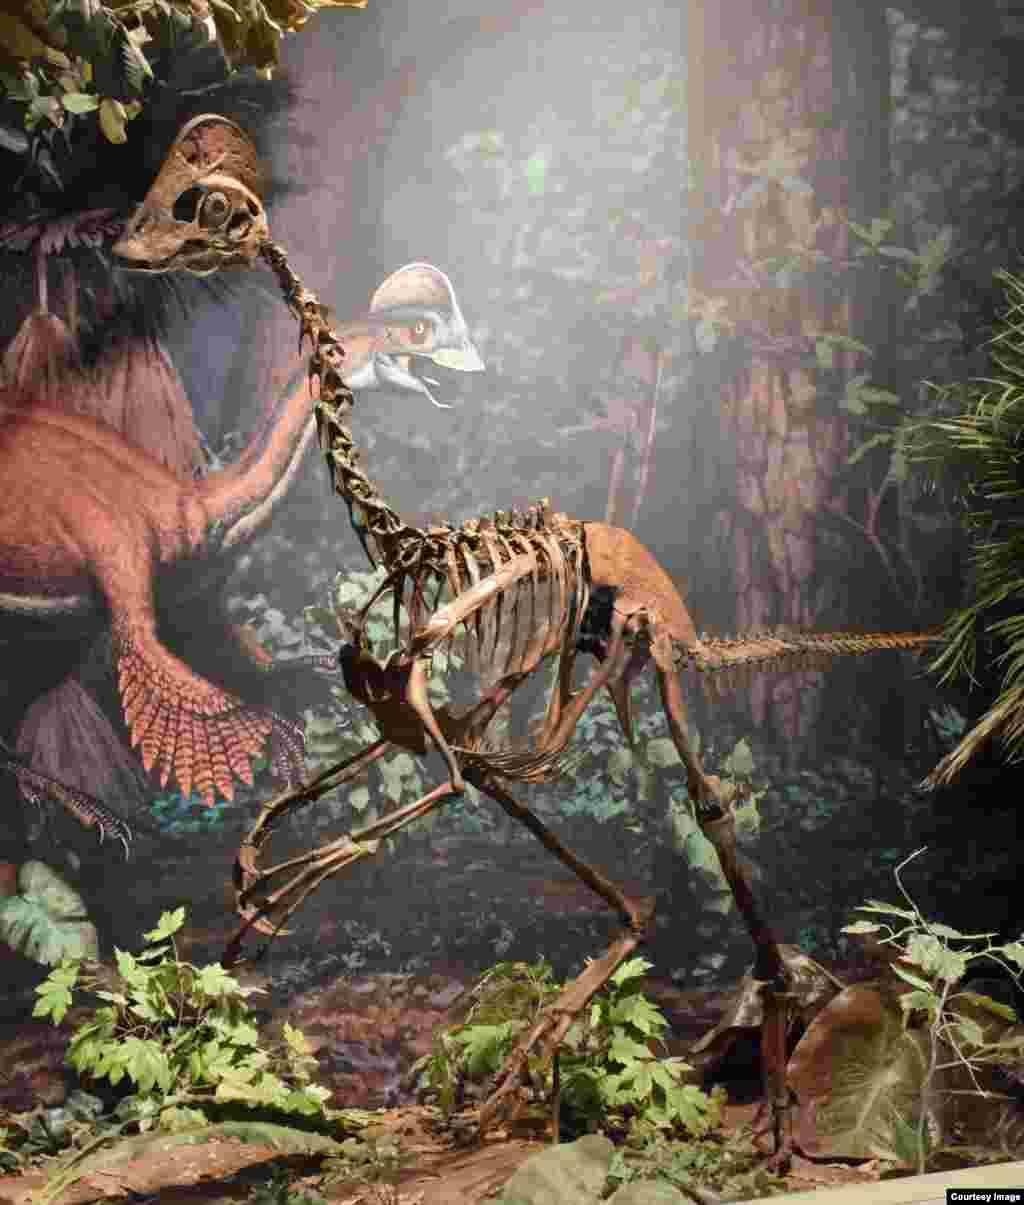 """Dinosaurus baru ini, yang diberi nama """"ayam dari neraka,"""" adalah T. rex kontemporer. Tiga bagian kerangka Anzu wyliei yang terawat dengan baik ditemukan di North Dakota dan South Dakota, di Hell Creek Formation. Dinosaurus yang mirip burung tersebut tingginya mencapai 1,5 meter, dan panjangnya 3,5 meter dari moncong hingga ekornya, dan beratnya mencapai 300. (Carnegie Museum of Natural History)"""